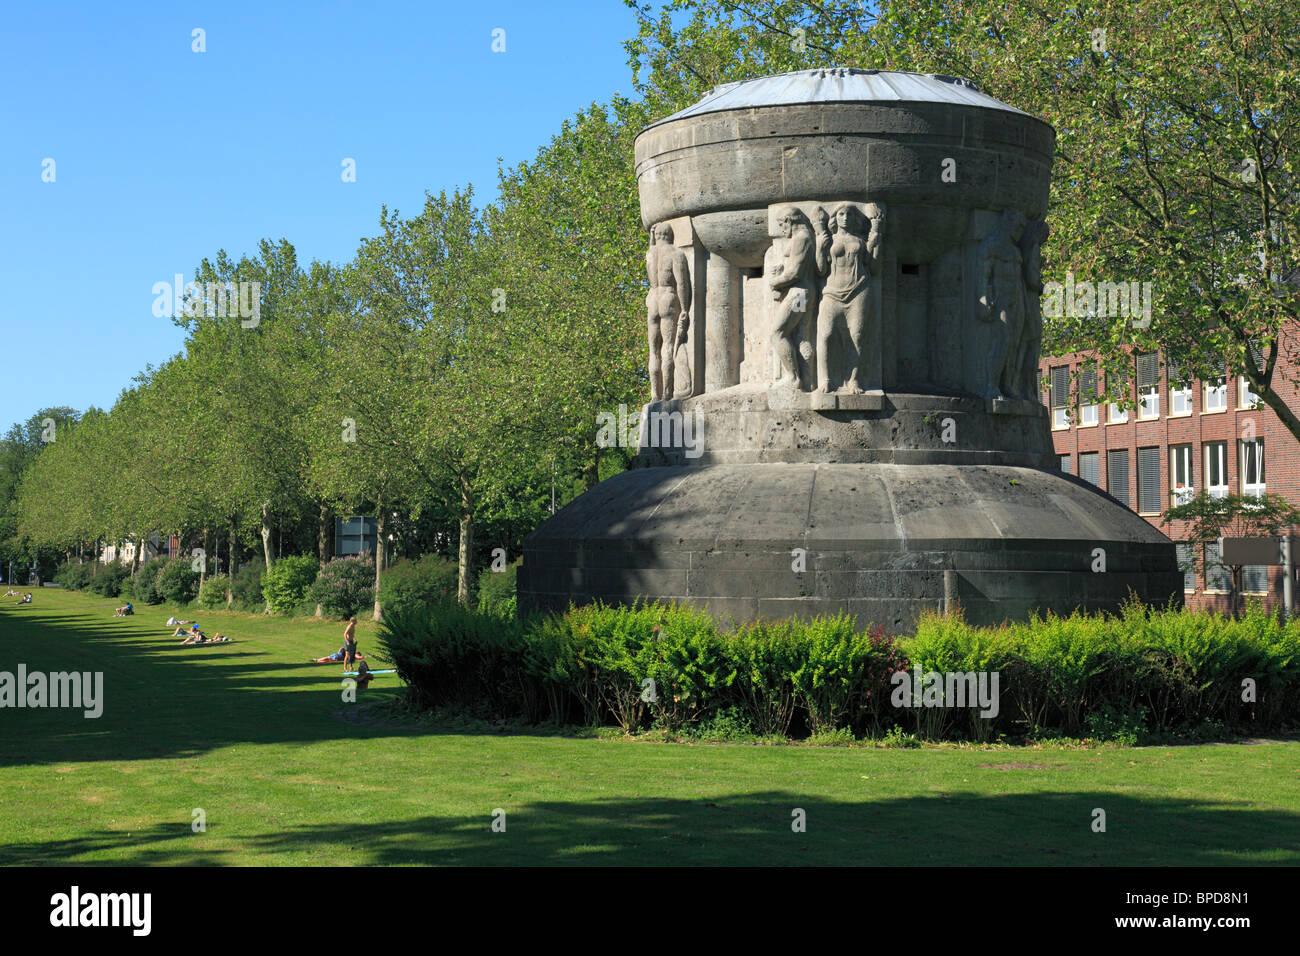 Kriegerdenkmal zur Erinnerung an die Einigungskriege zur Deutschen Einheit an der Promenade in Muenster, Westfalen, - Stock Image